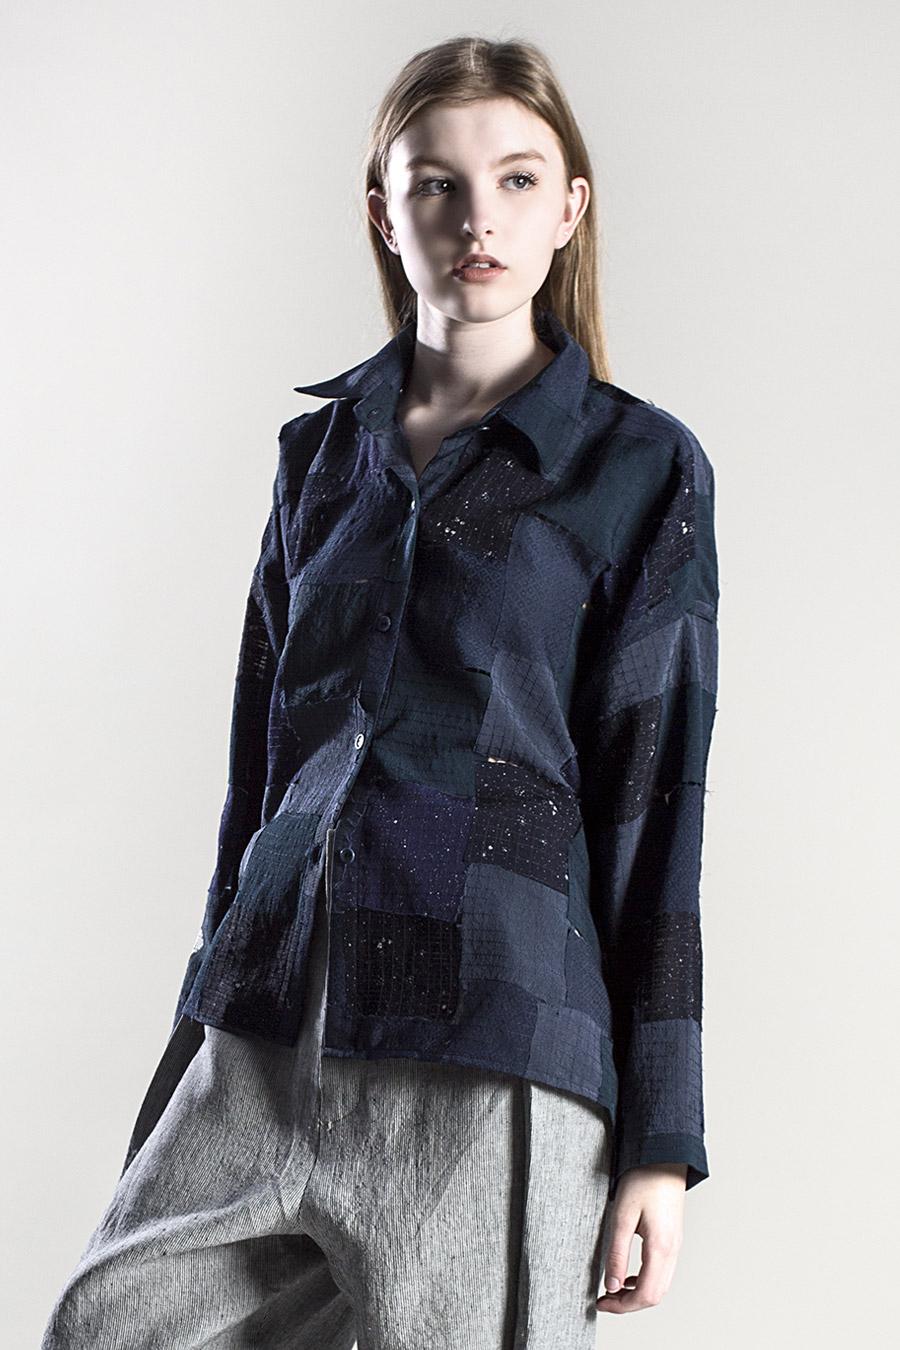 Outfit-4-3659_crop.jpg